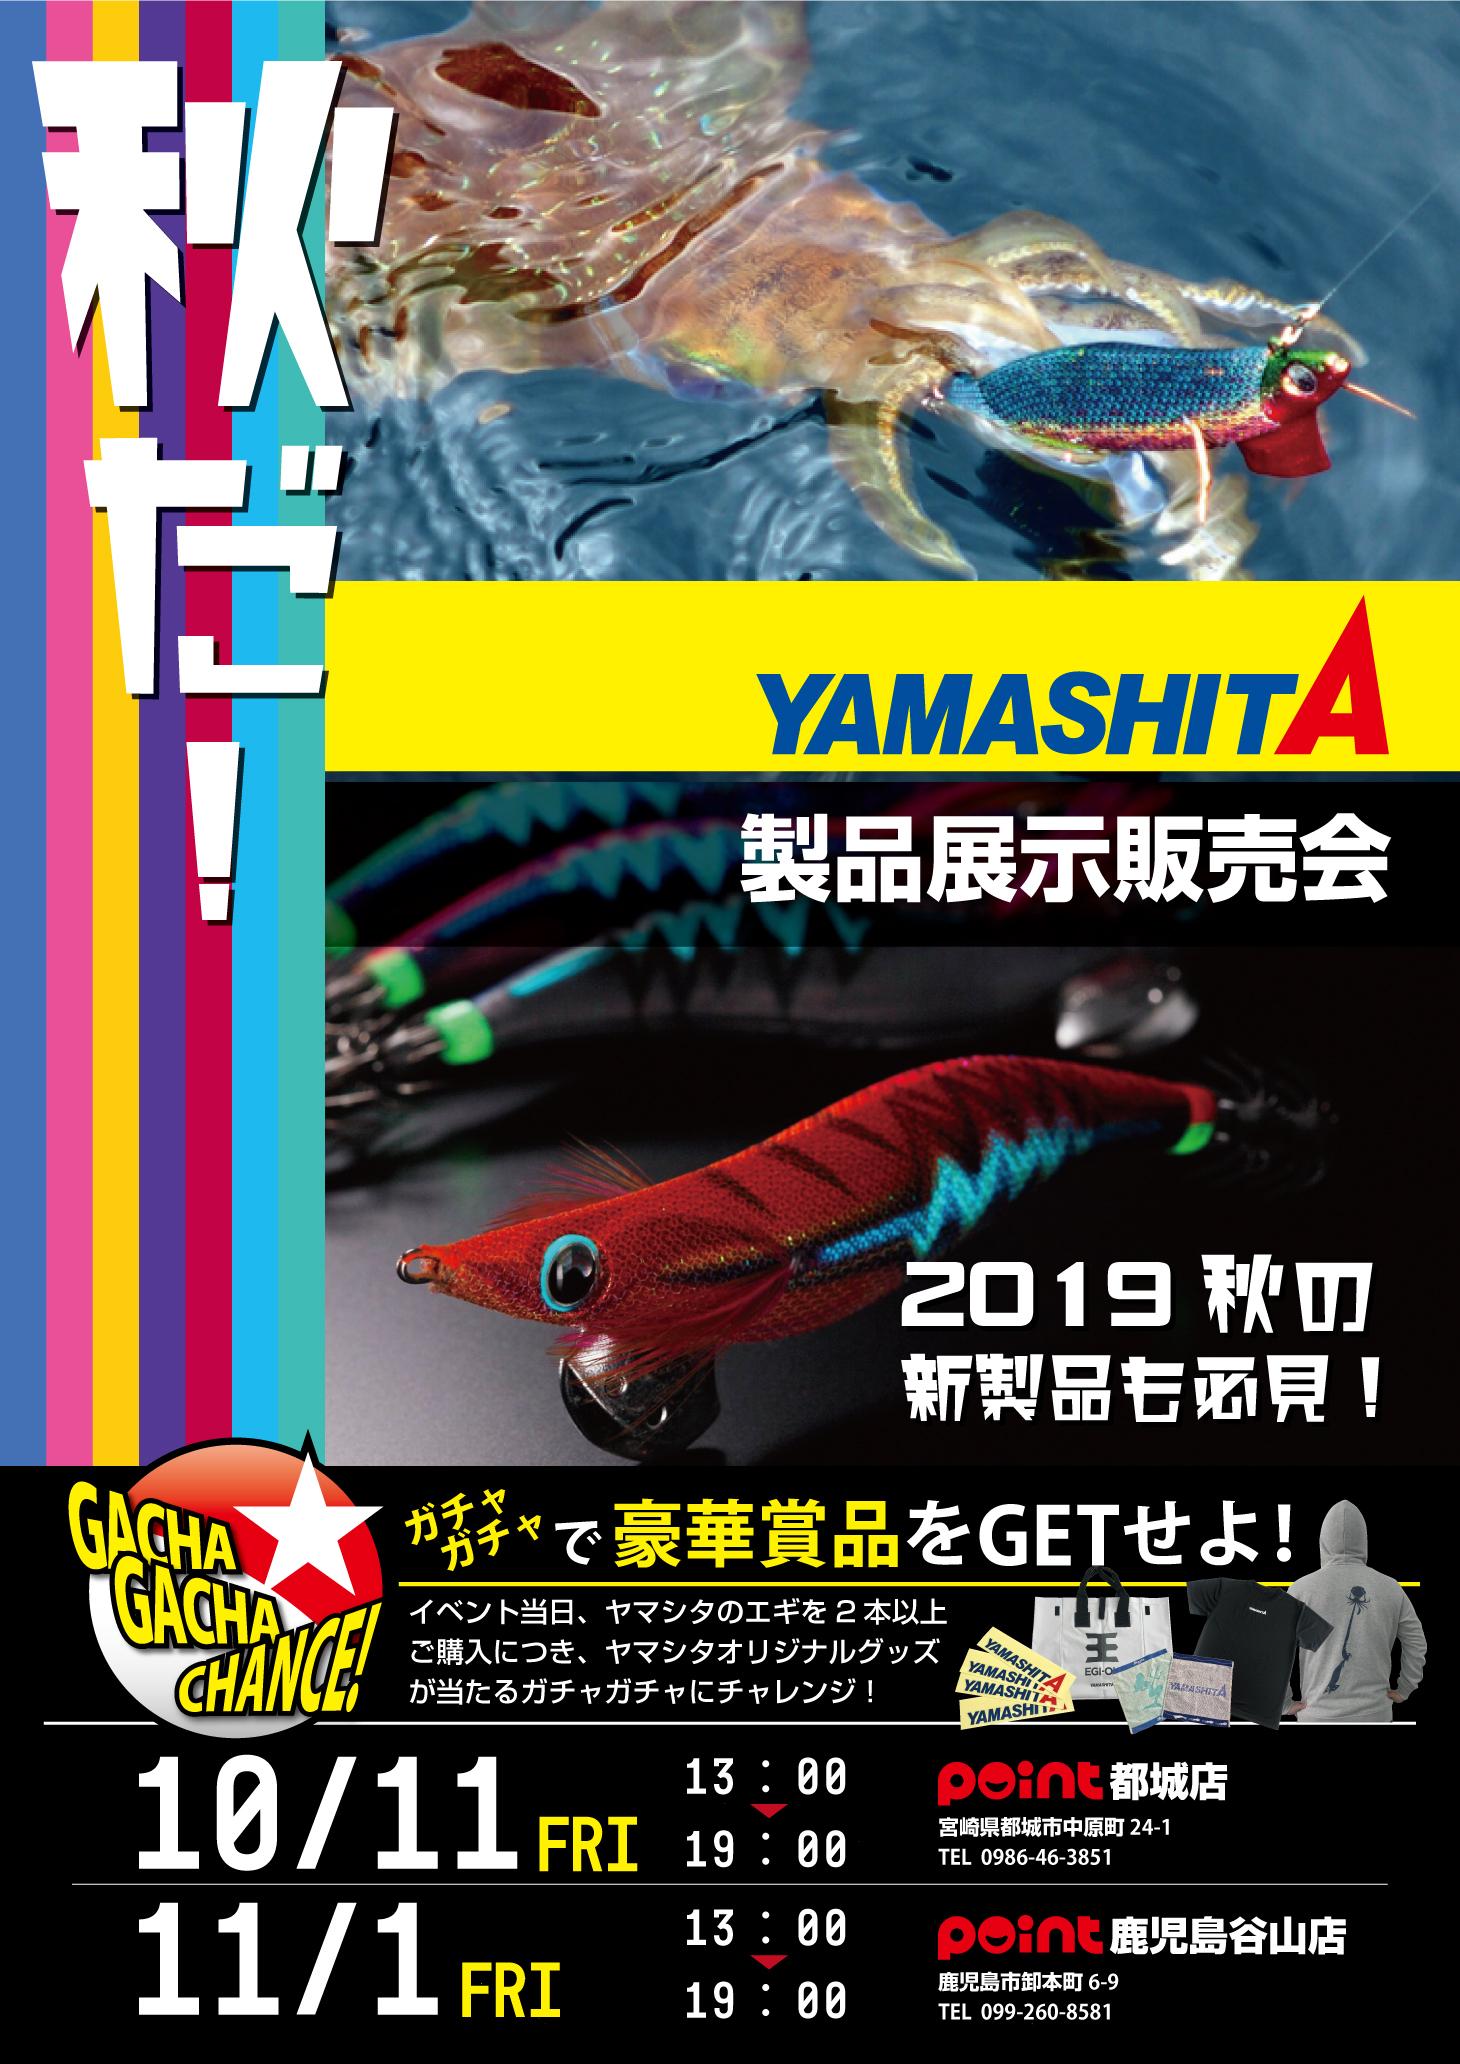 Yamashita製品展示受注会 都城・谷山